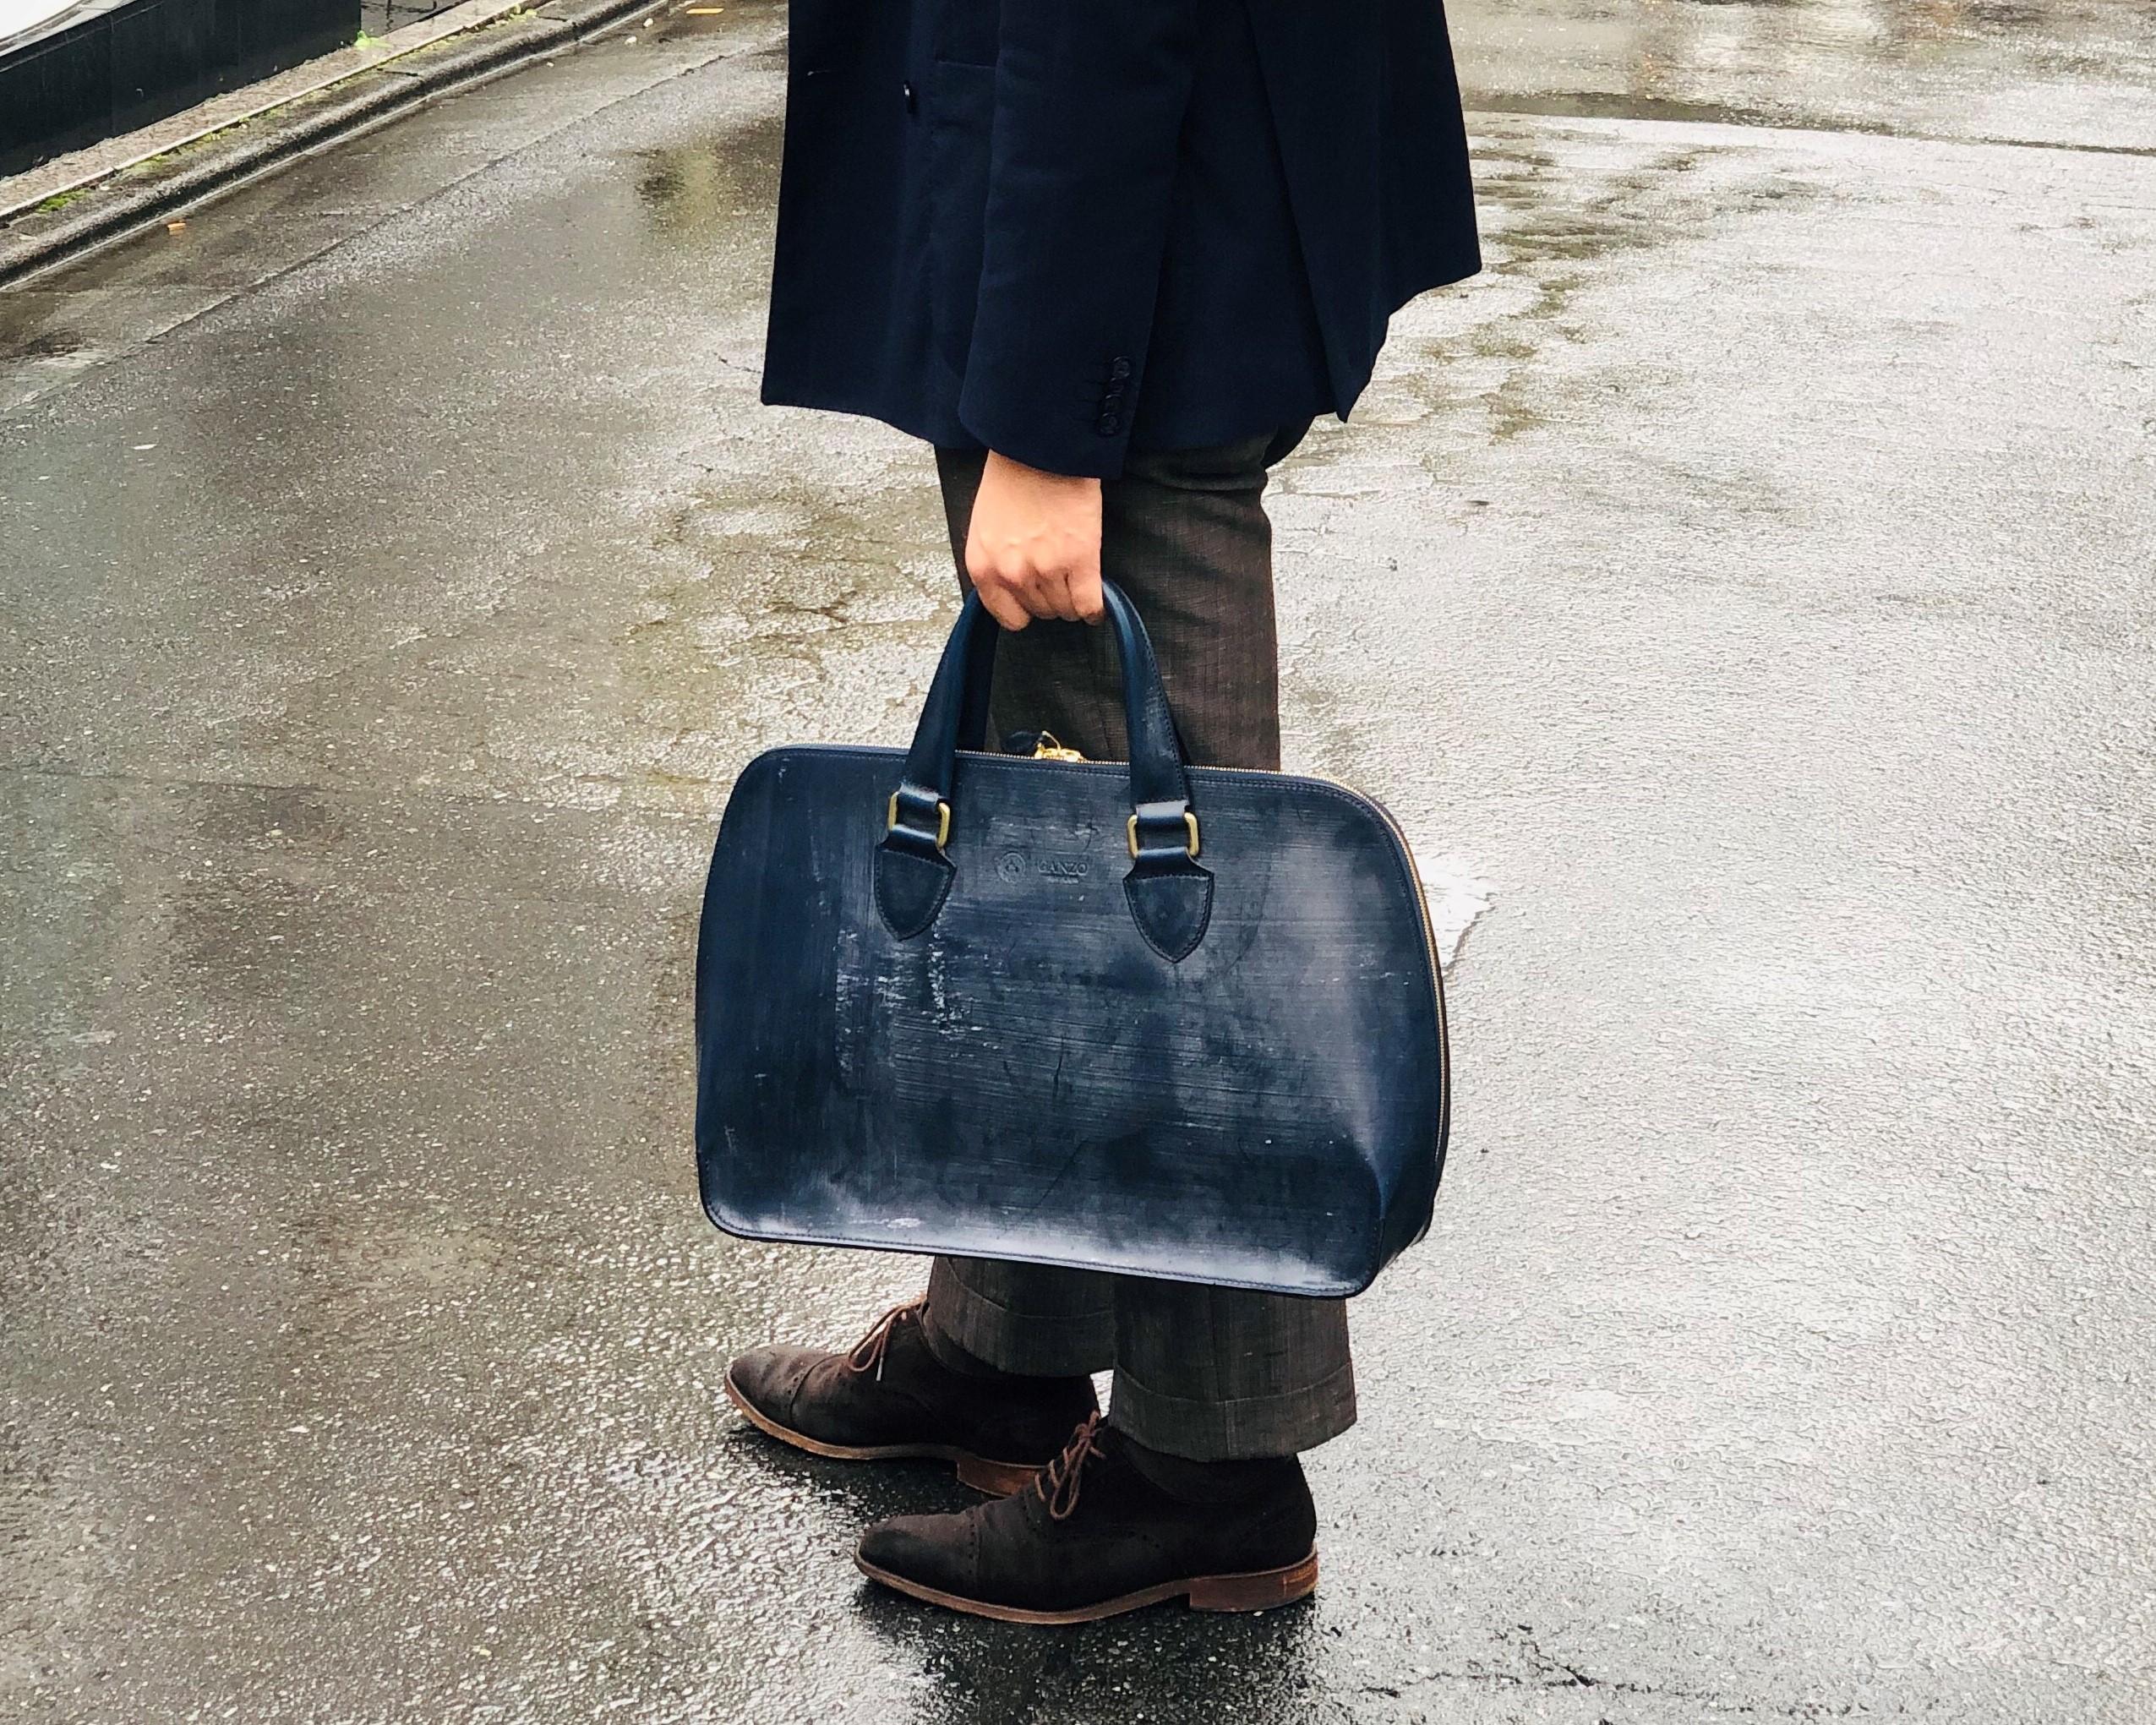 雨の日のおすすめバッグ